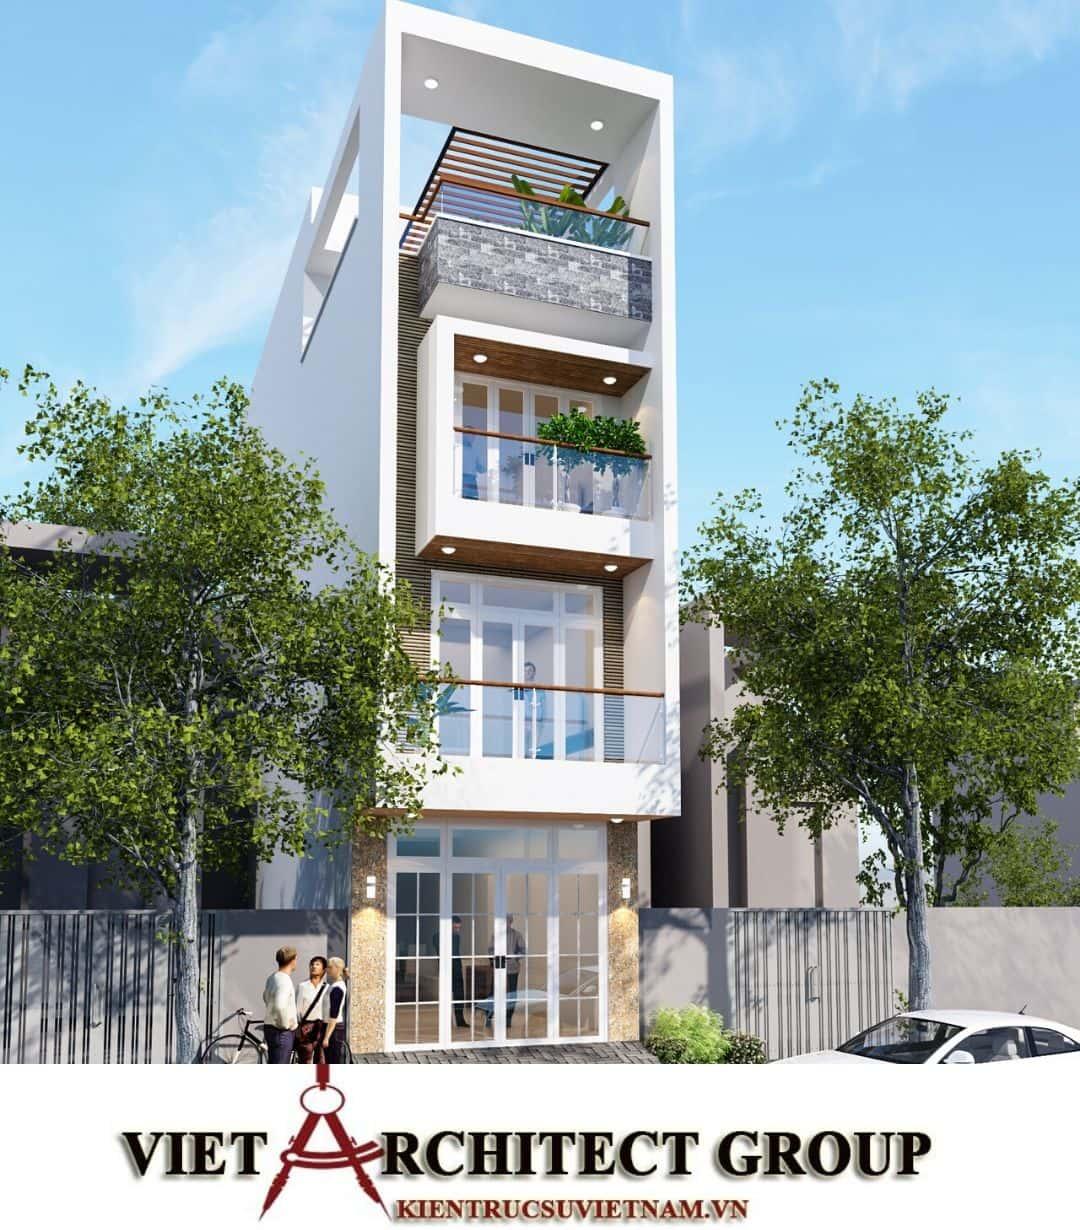 2 59 - Công trình nhà phố mặt tiền 4m 1 trệt 2 lầu sân thượng chị Hải - Thủ Đức